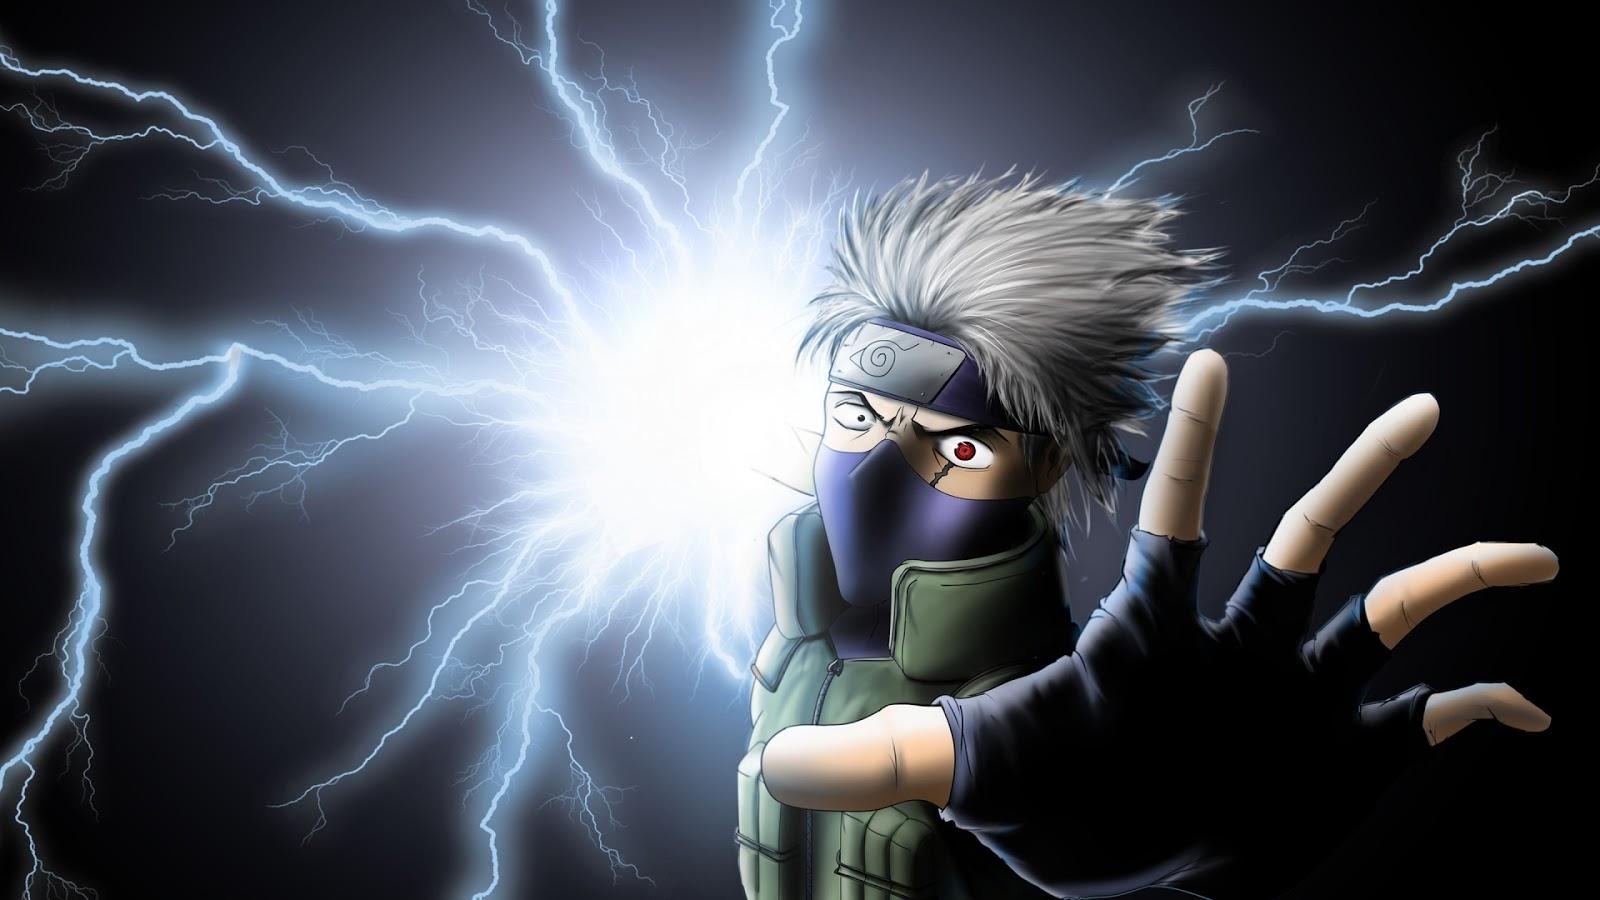 Fonds D Ecran Hd Fonds D Ecran Naruto